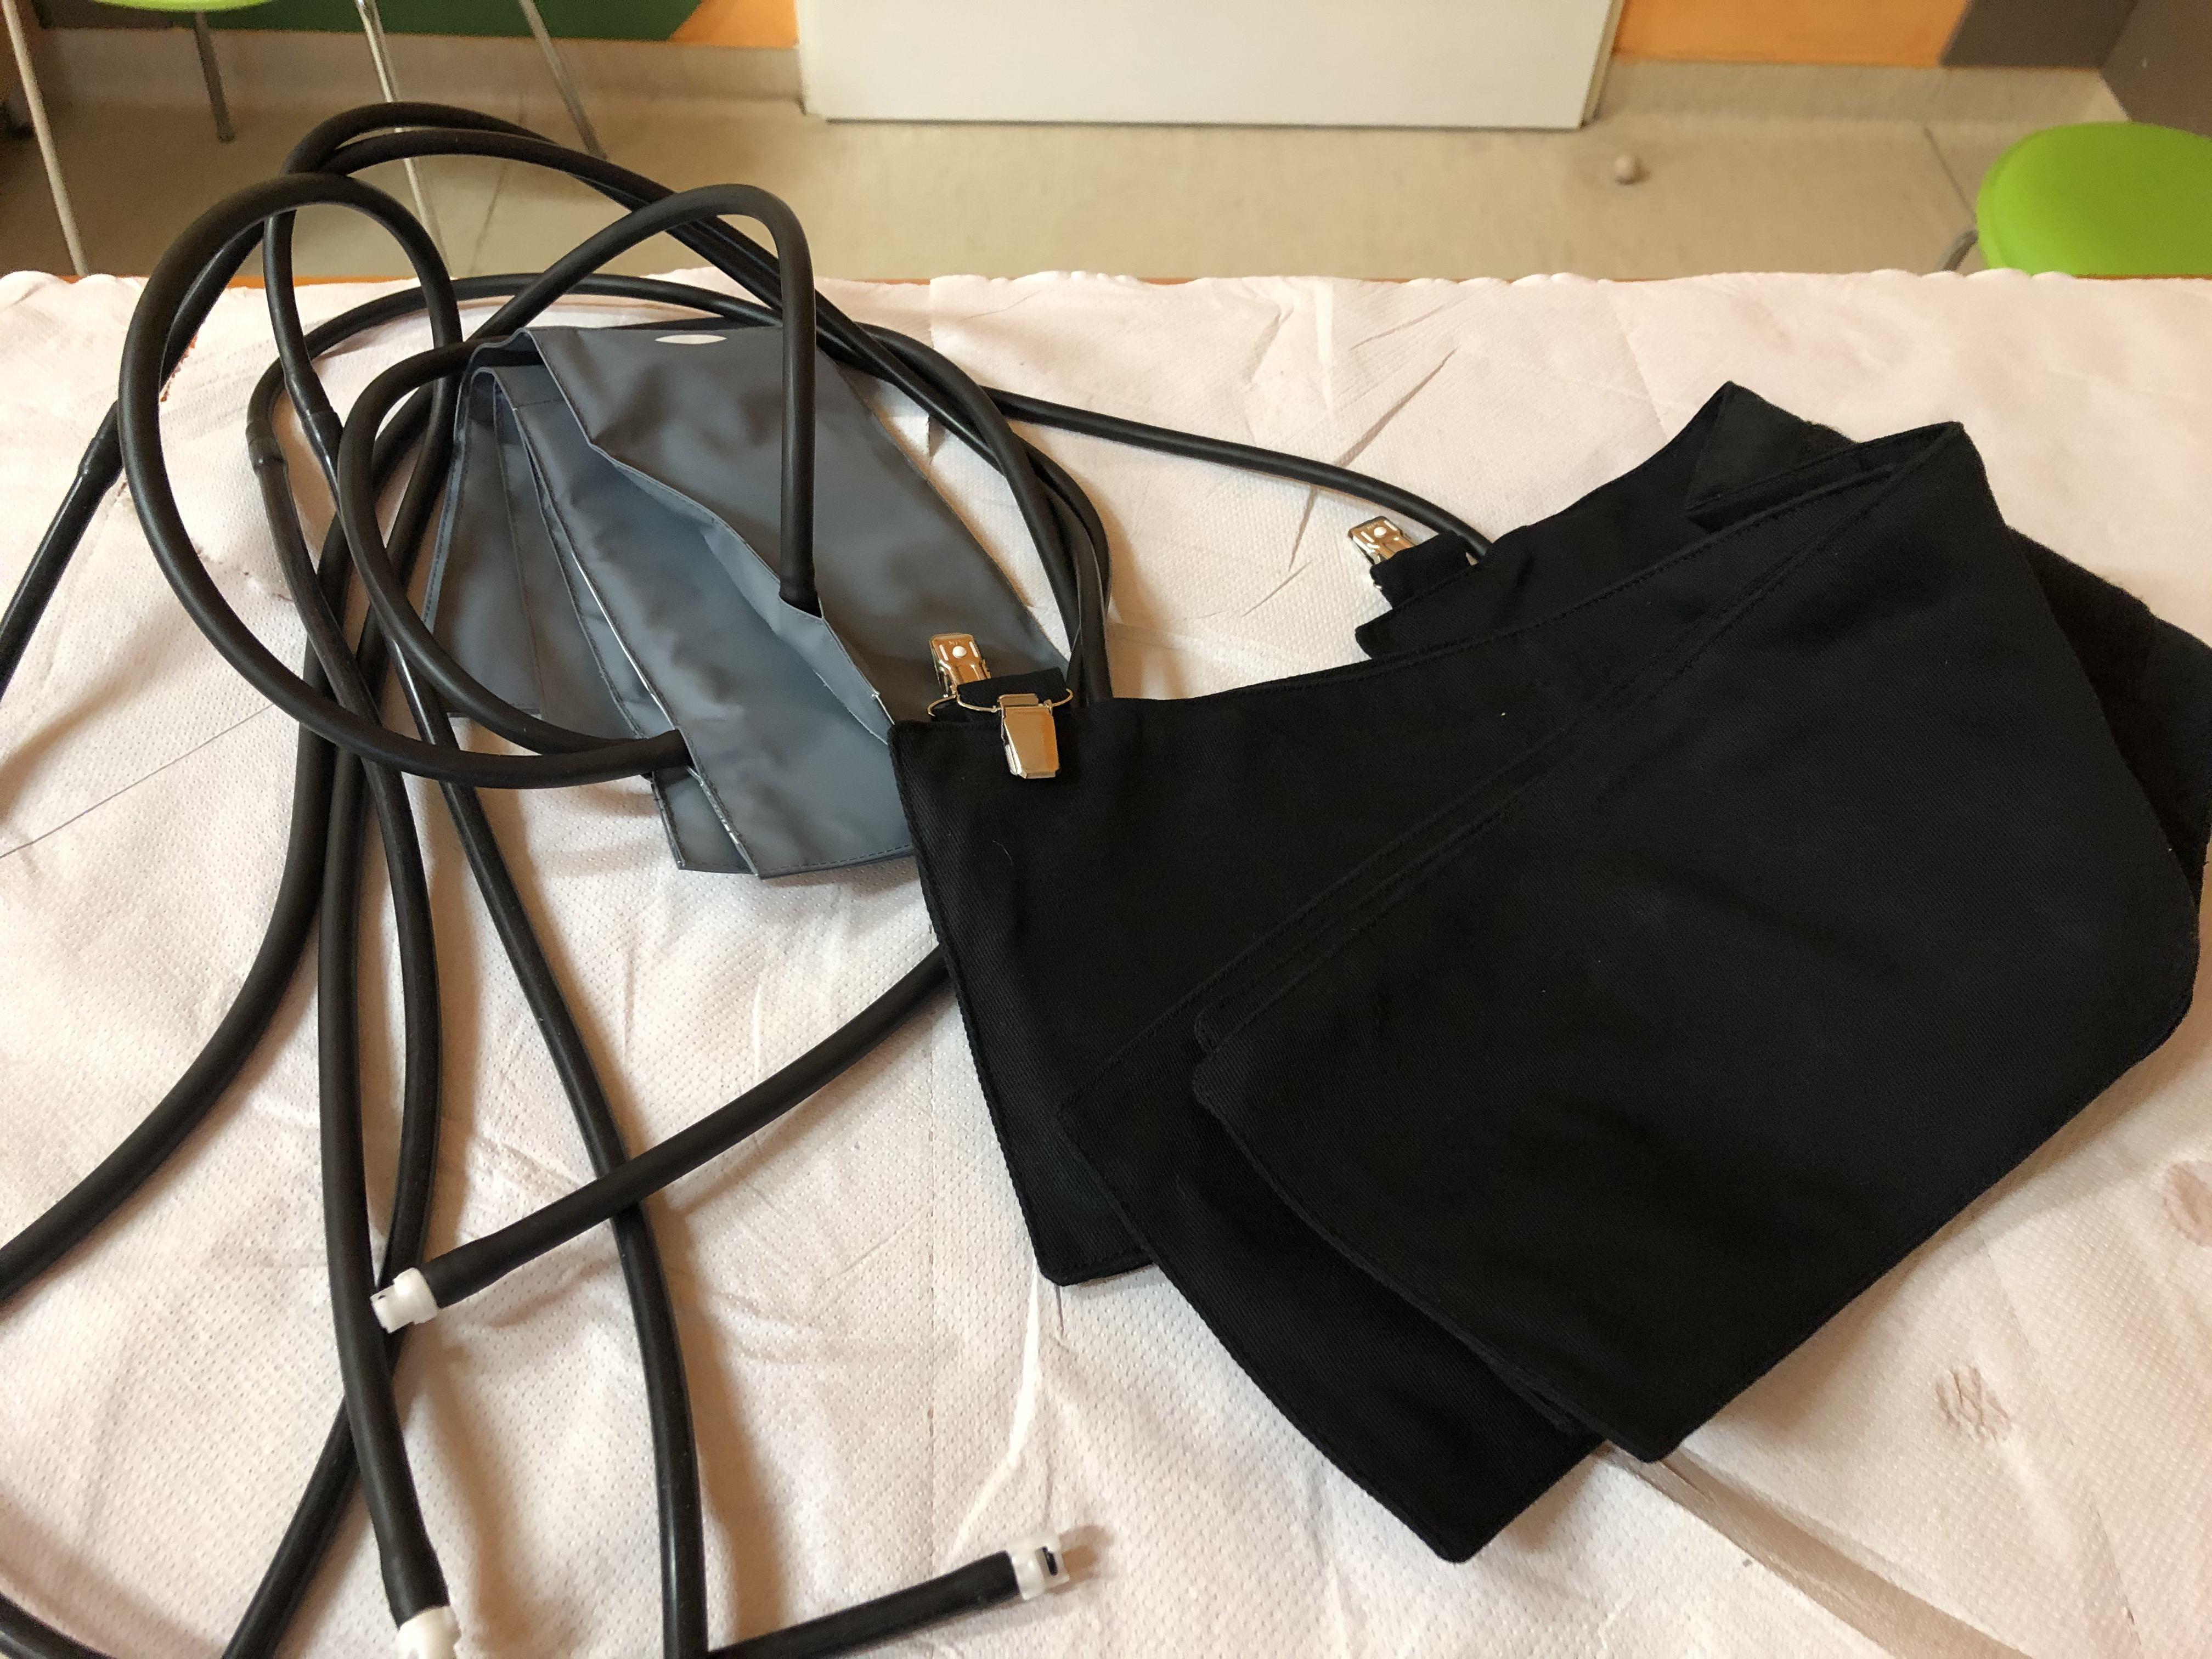 Különleges ABPM 24 órás vérnyomásmérő készülék - Babamentés